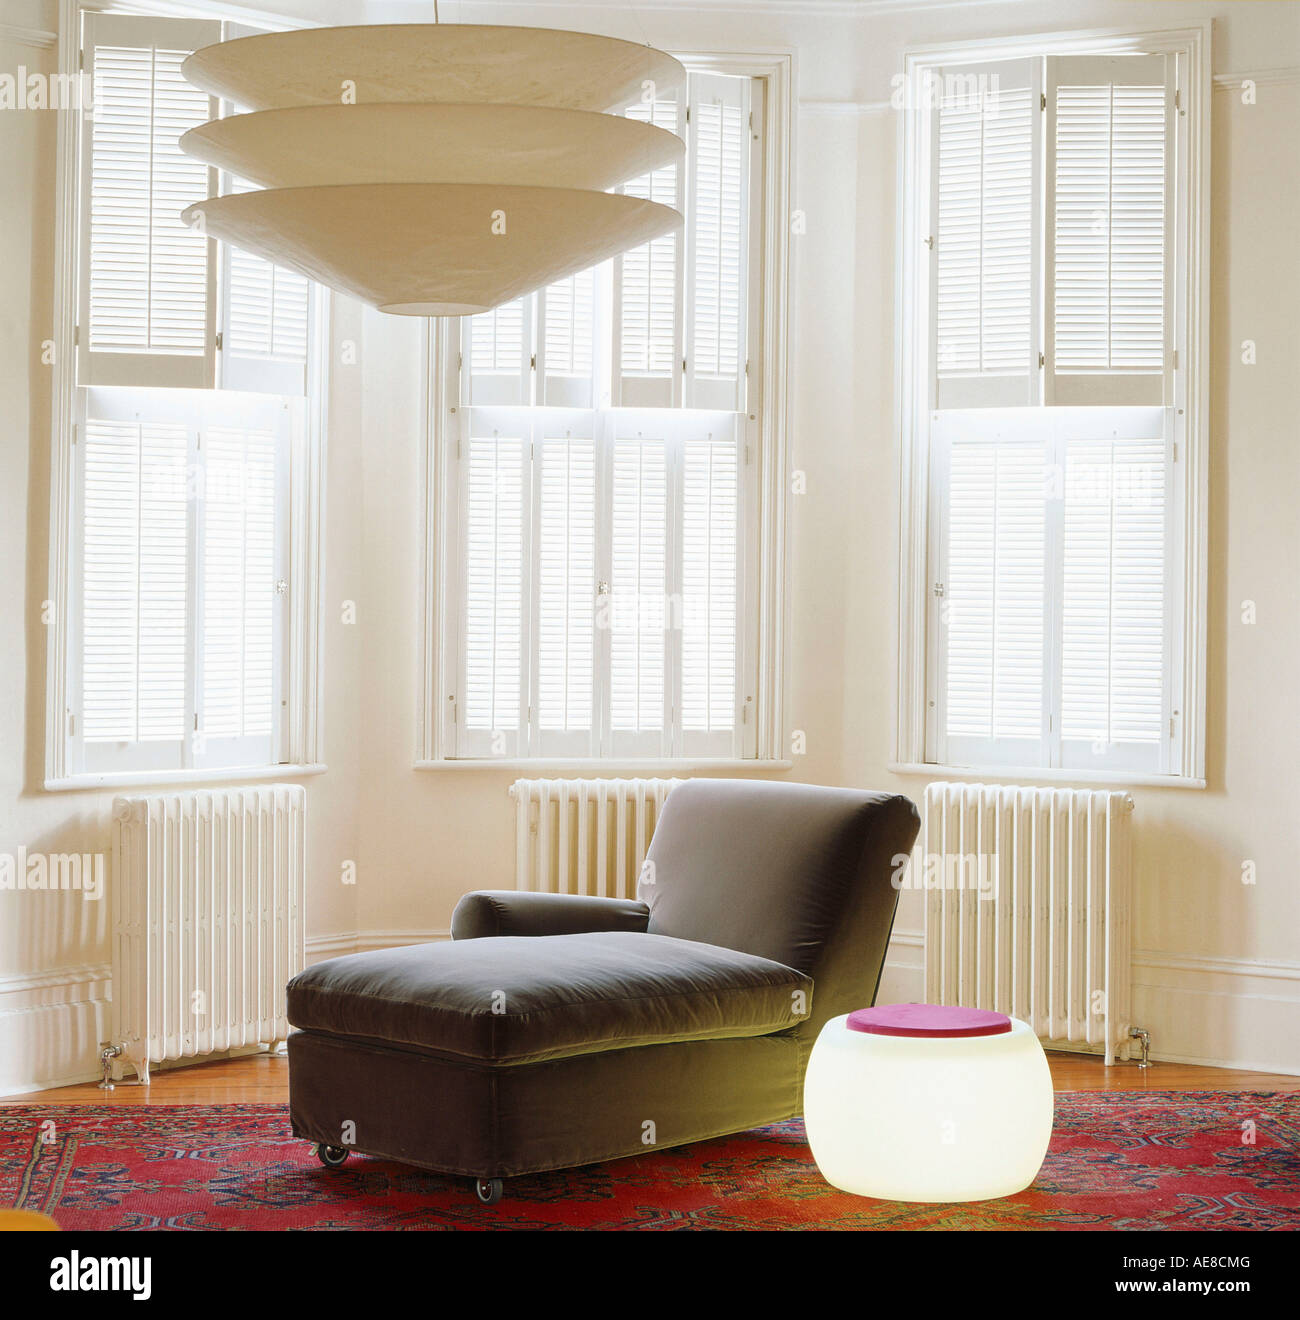 Wundervoll Moderne Beleuchtung Foto Von Liege Und Mit Fensterläden Erker Im Hintergrund